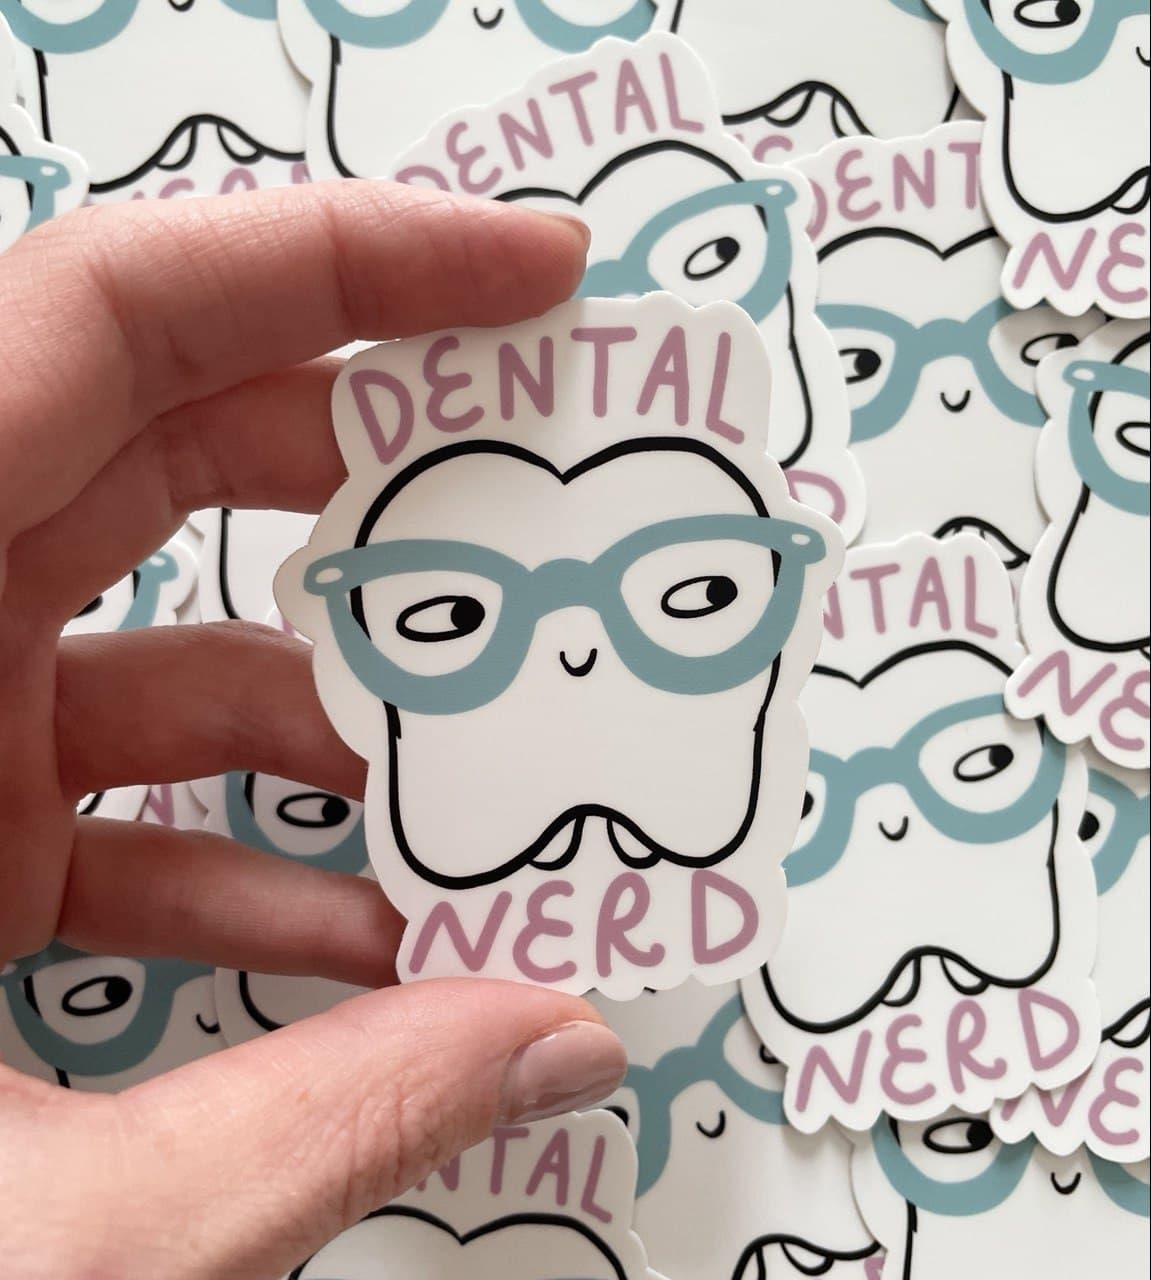 dental-nerd-sticker-gruppo